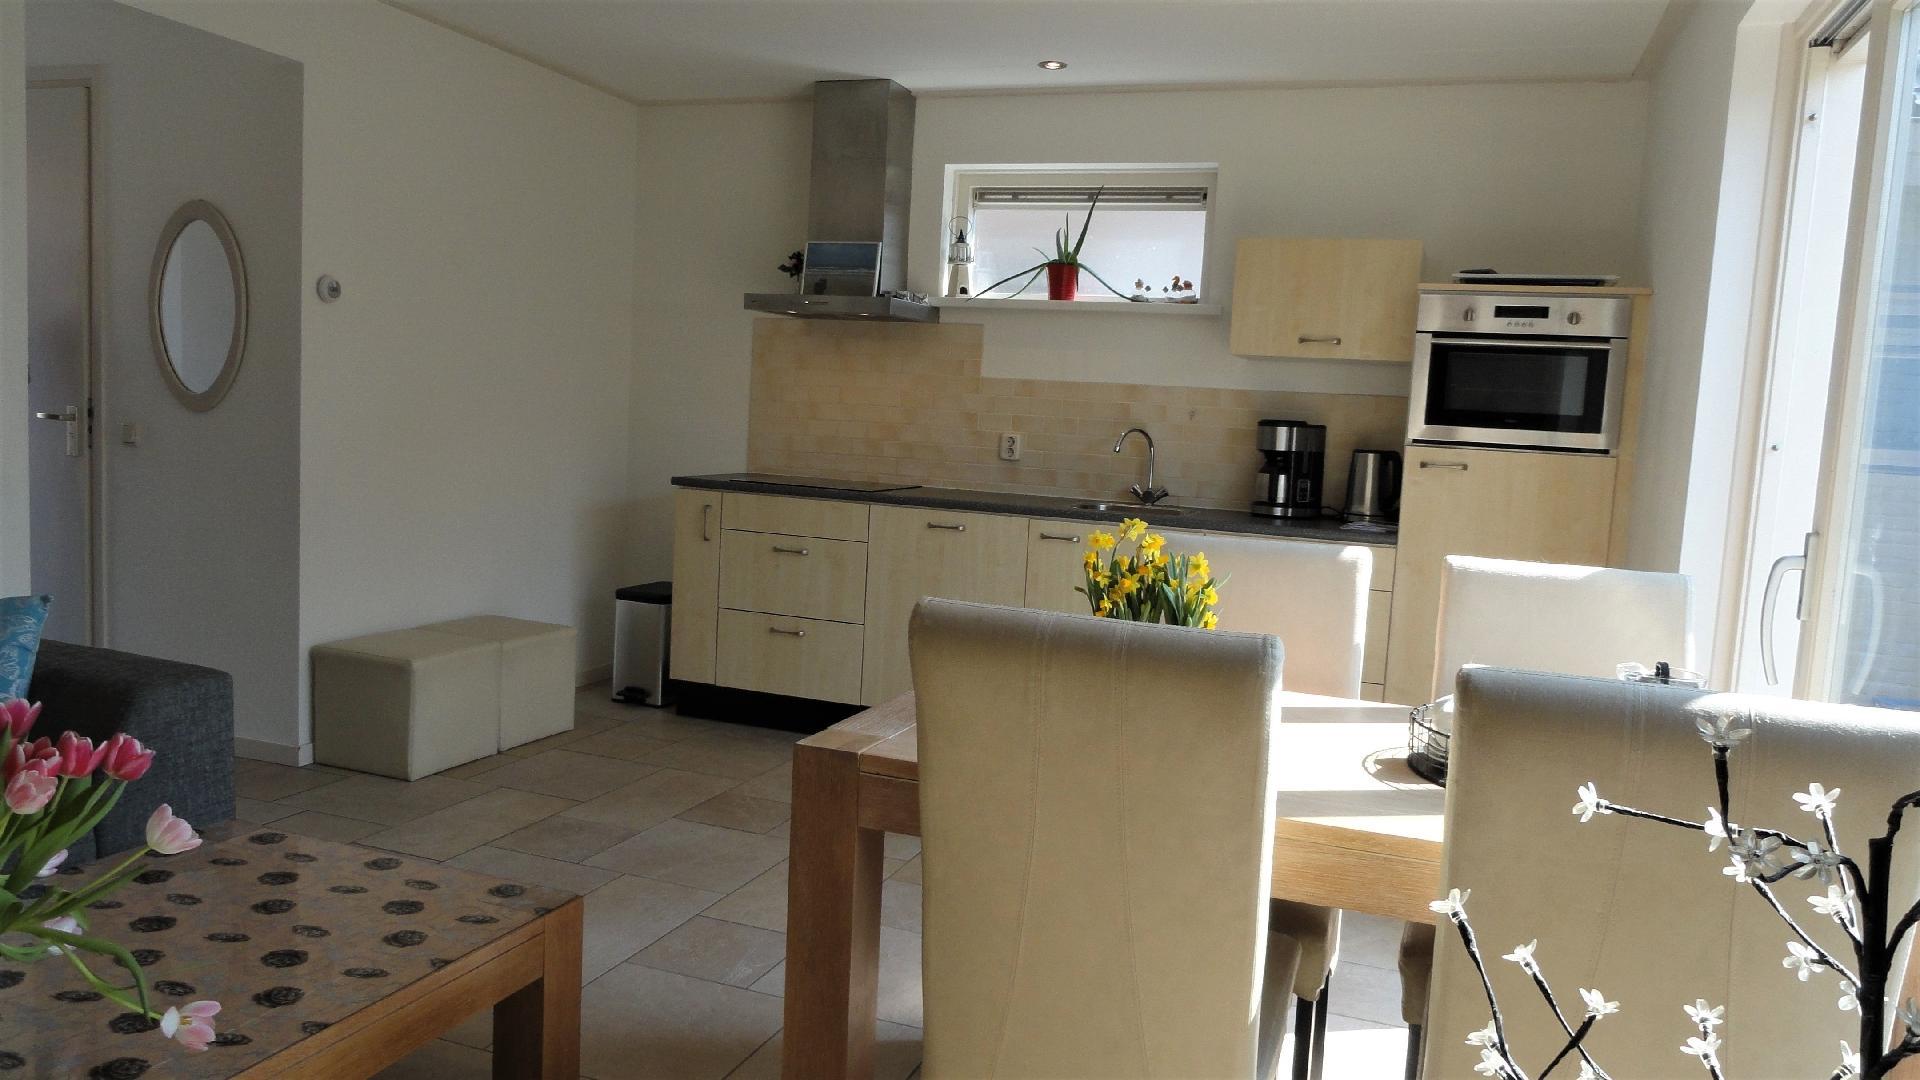 Ferienhaus für 2 Personen ca. 60 m² in E  in den Niederlande